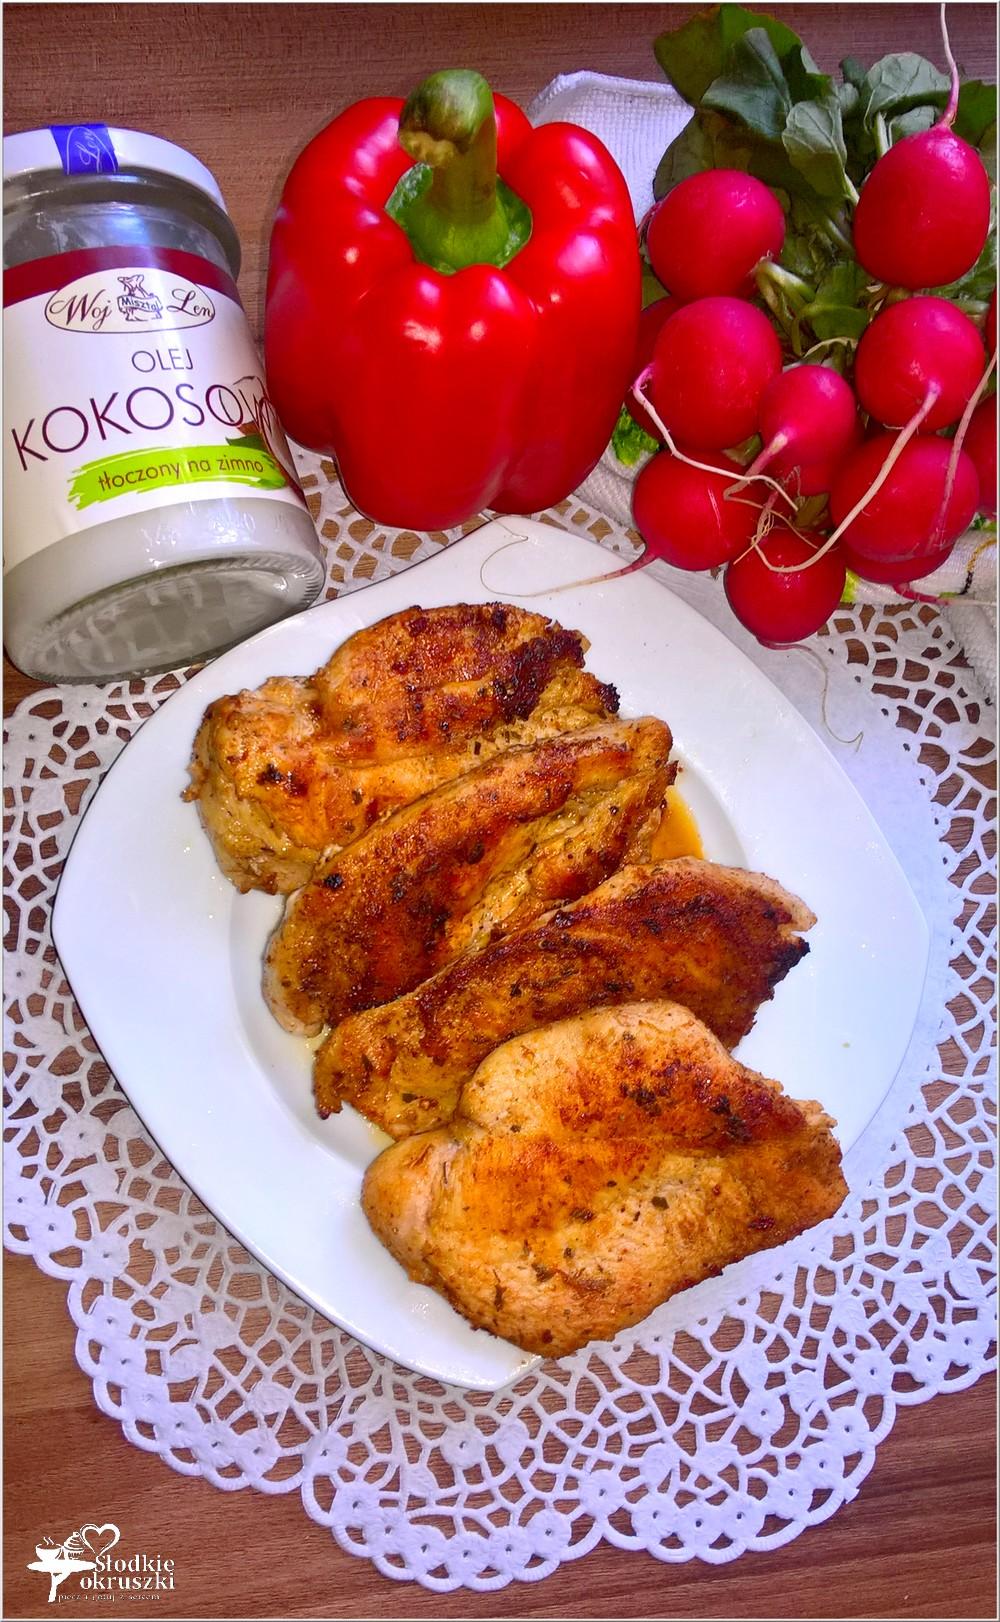 Soczyste i aromatyczne piersi z kurczaka (2)